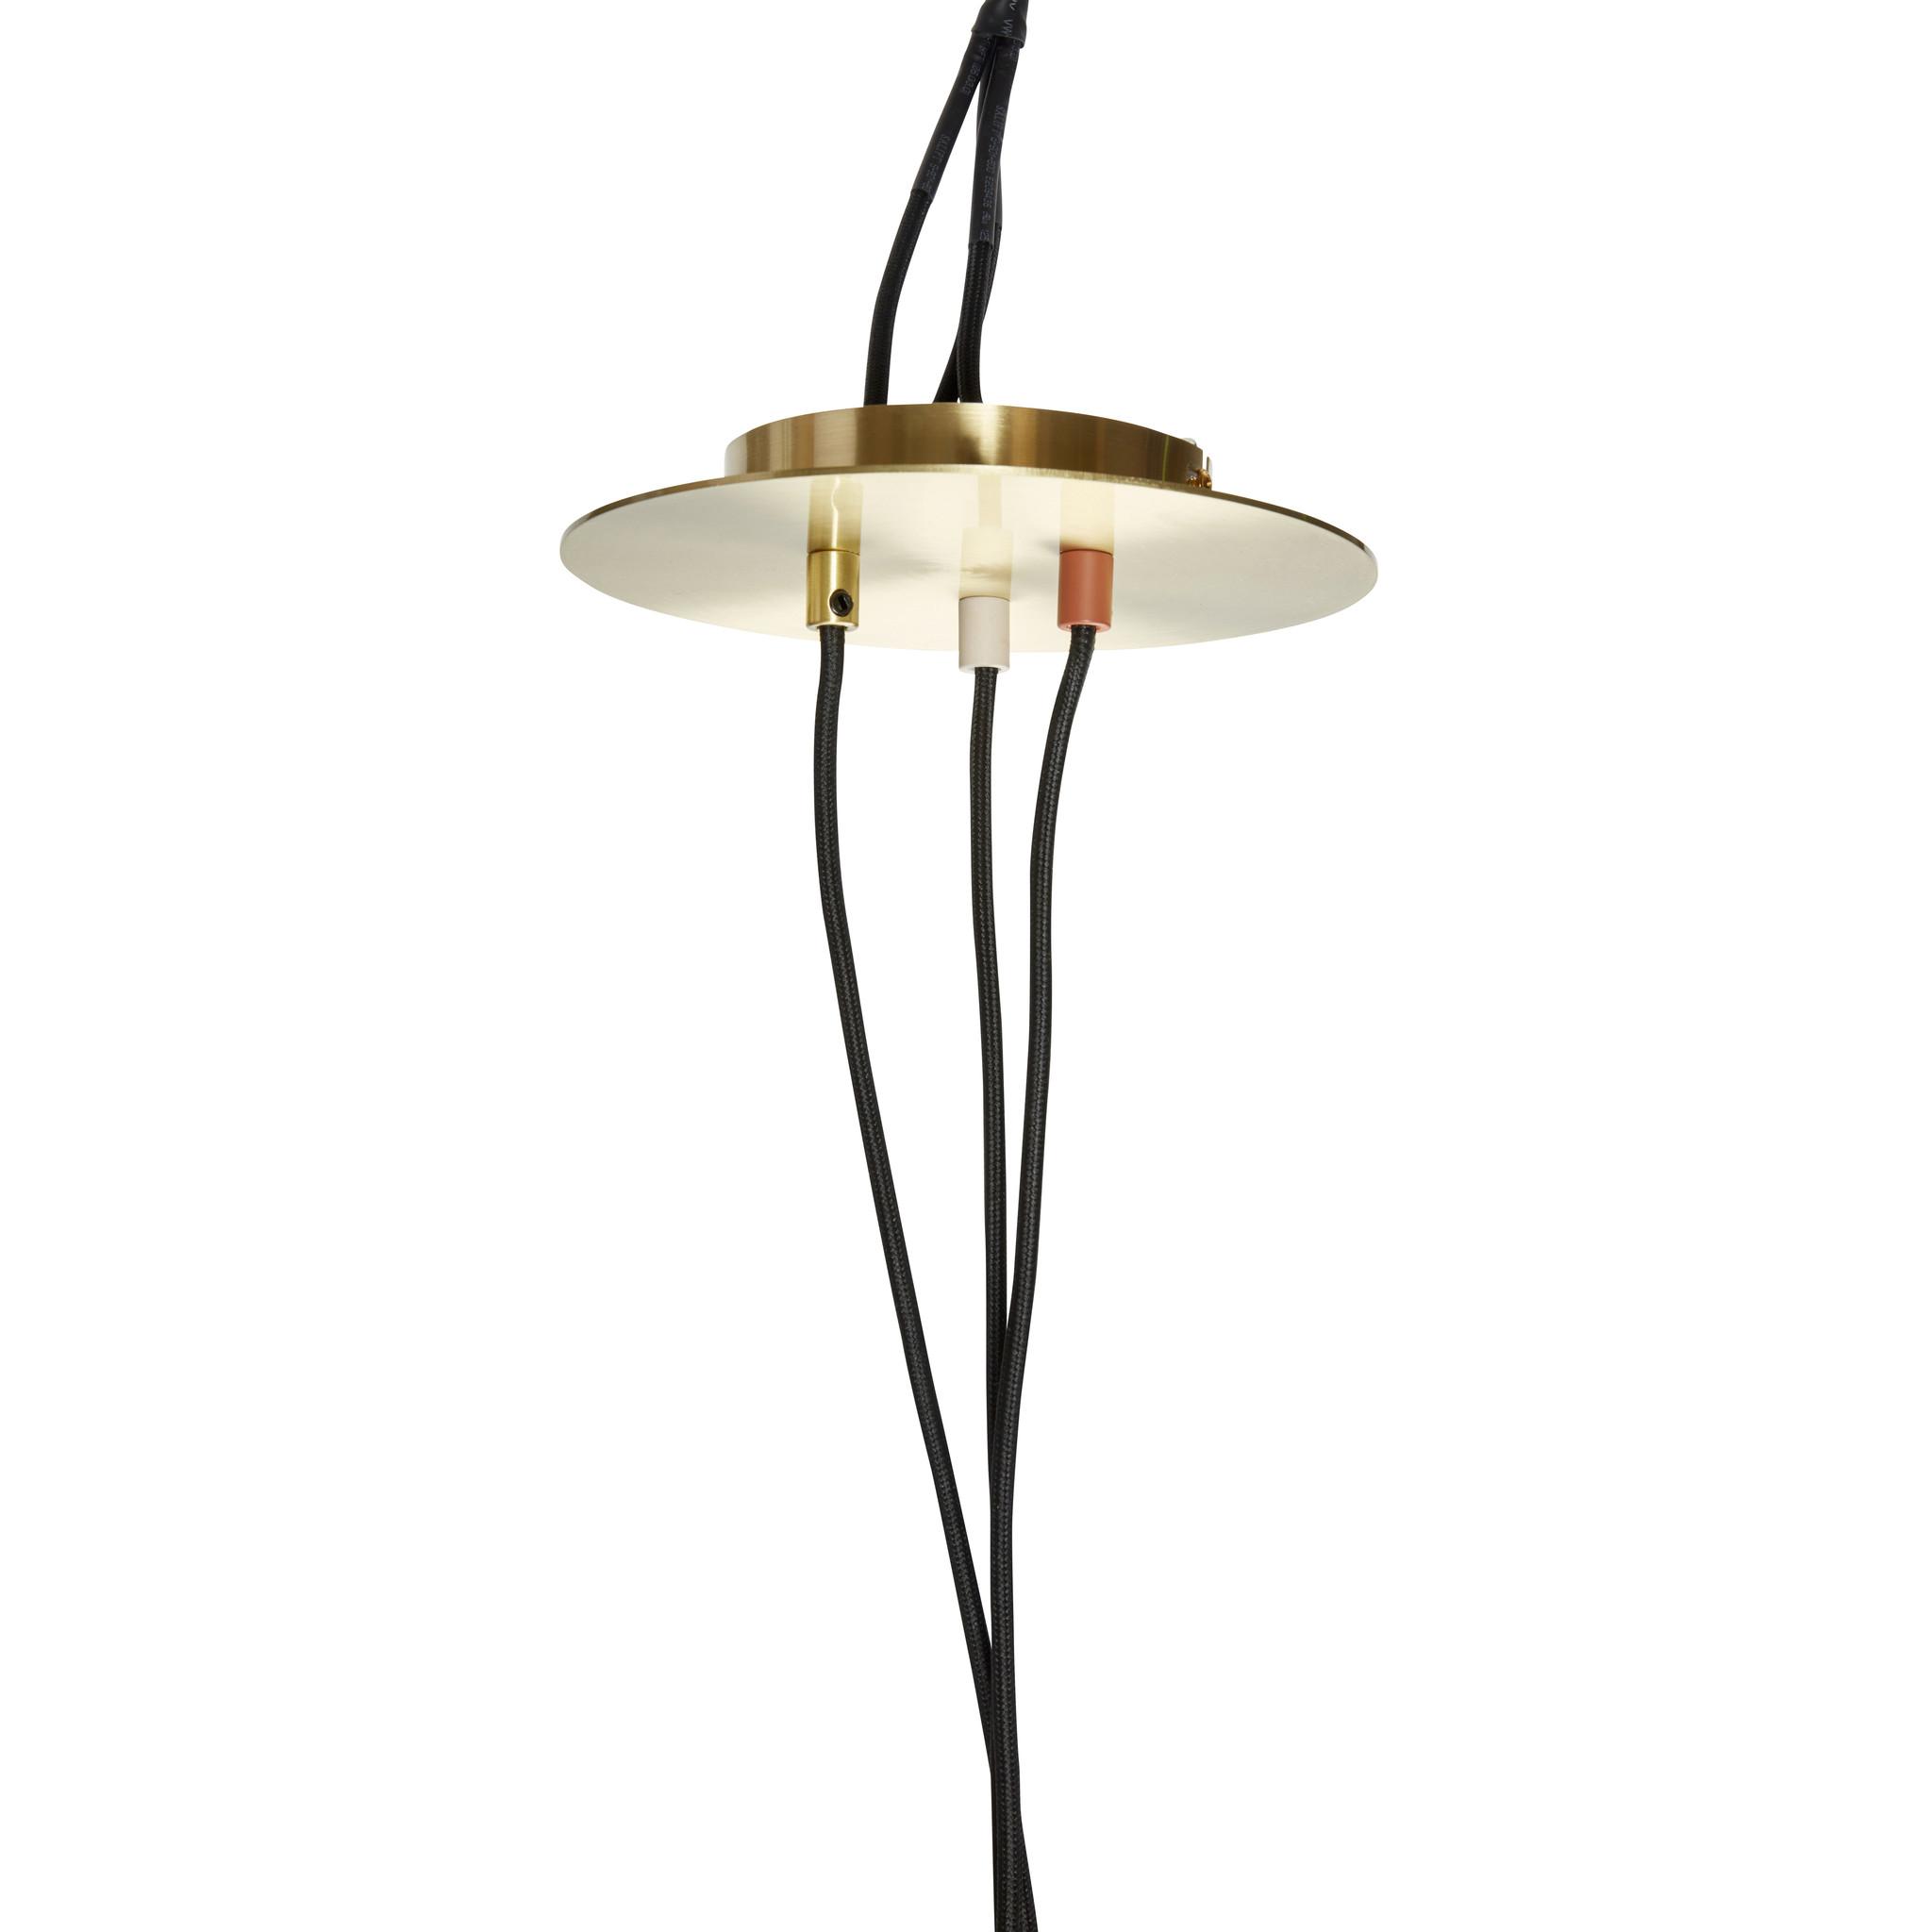 Hubsch Hanglamp metaal bruin/messing/beige